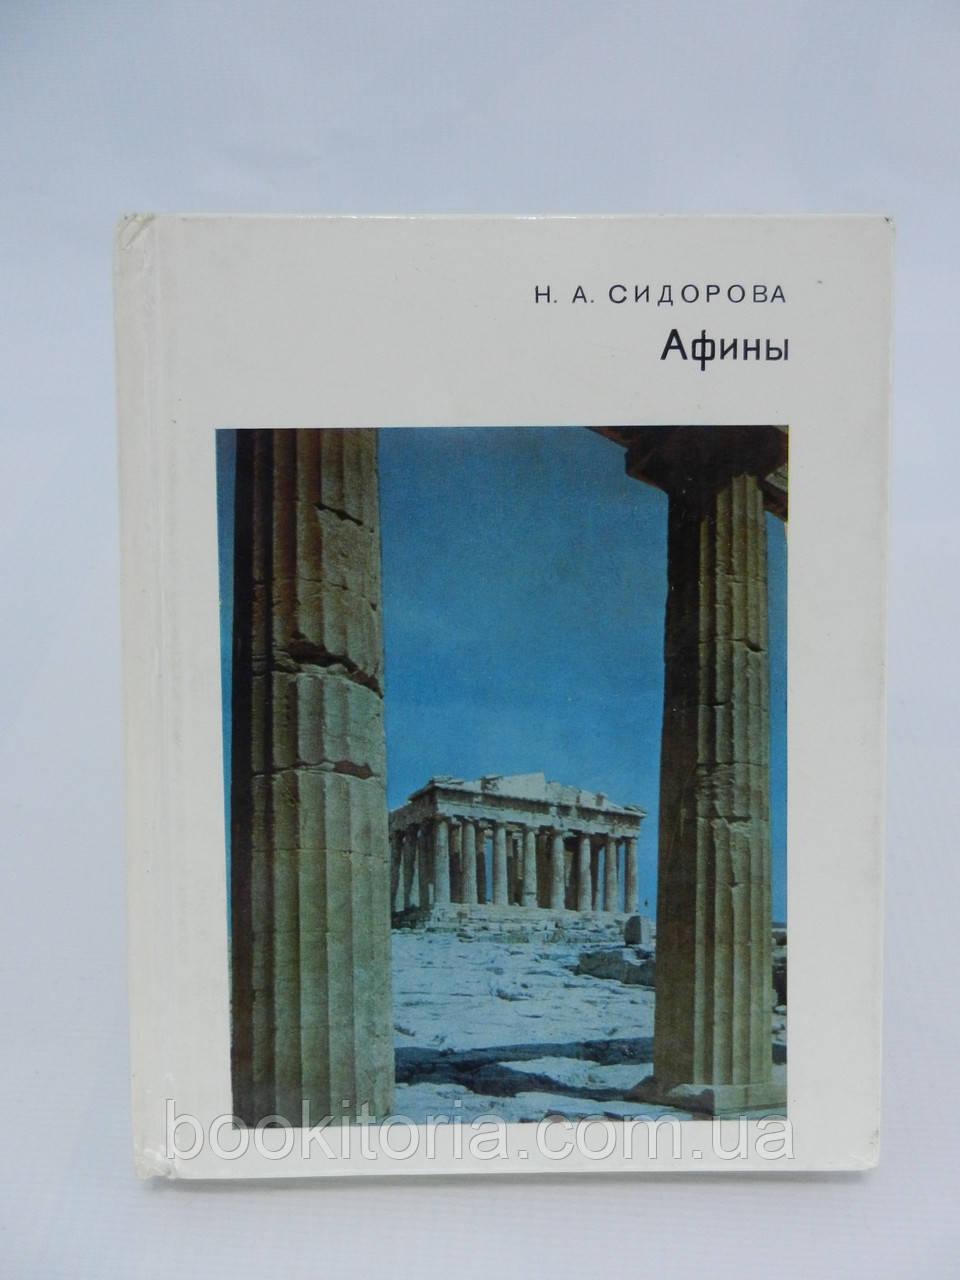 Сидорова Н.А. Афины (б/у).